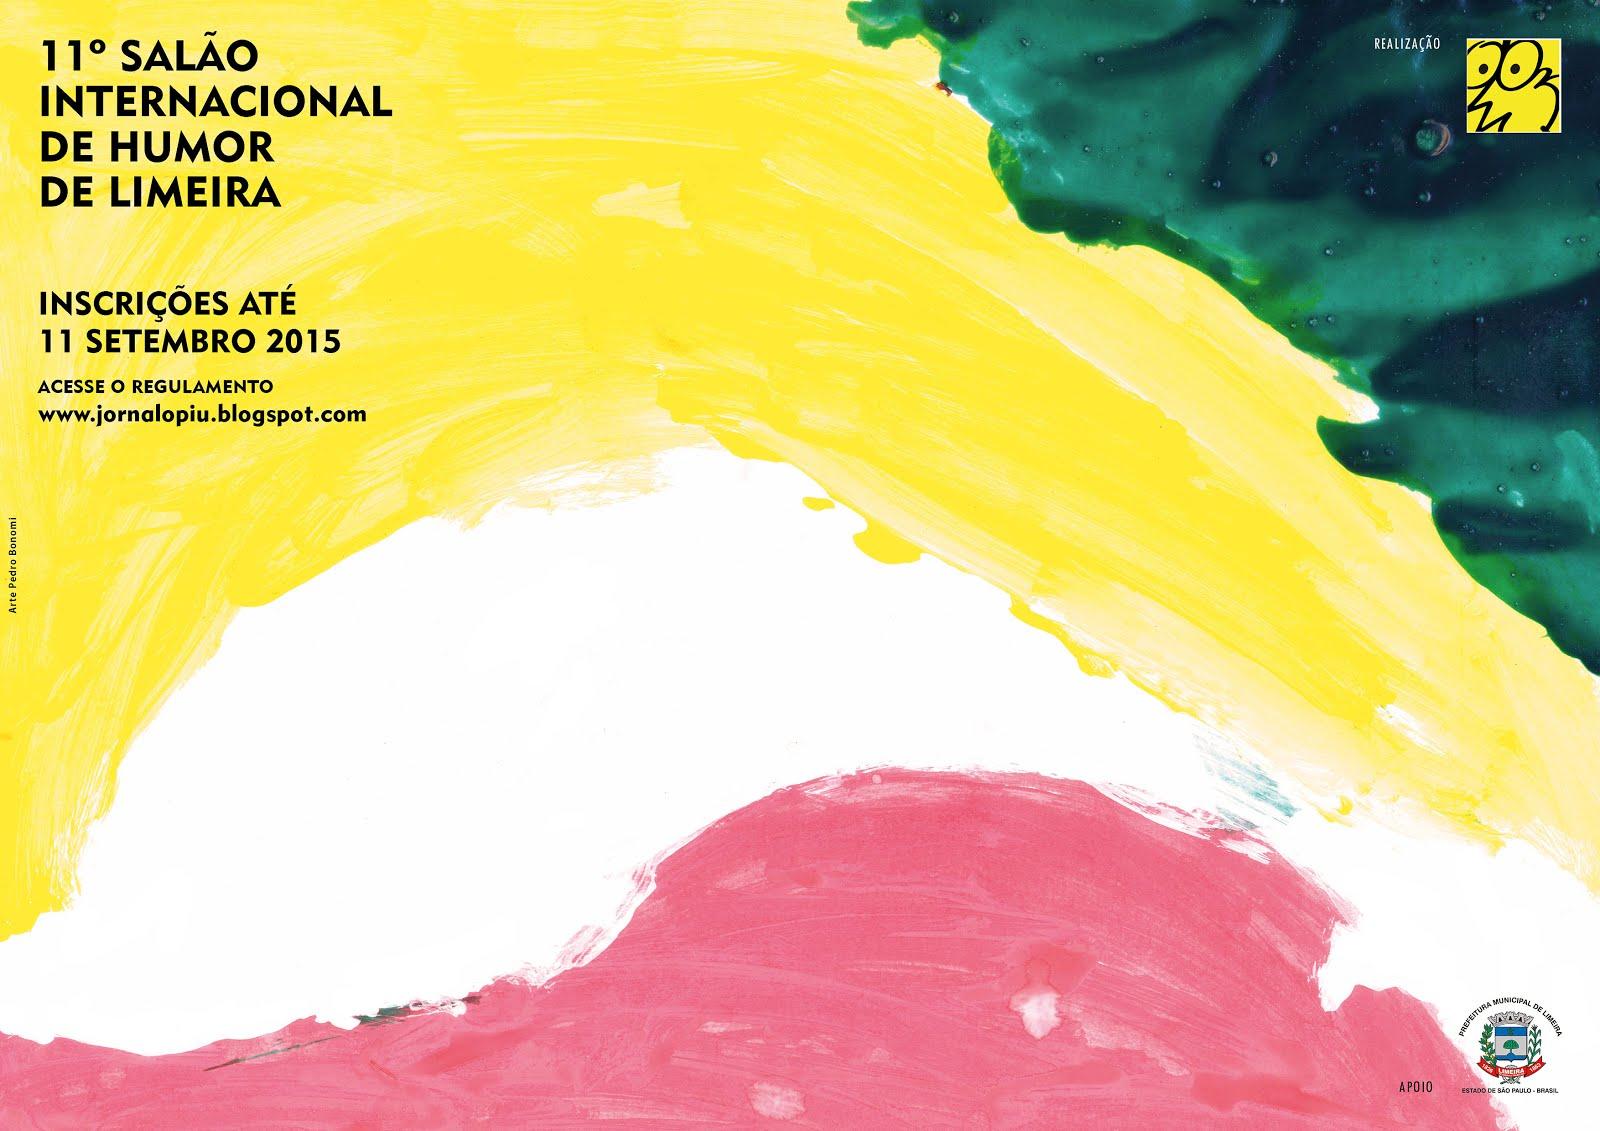 CARTAZ DO 11º SALÃO INTERNACIONAL DE HUMOR DE LIMEIRA